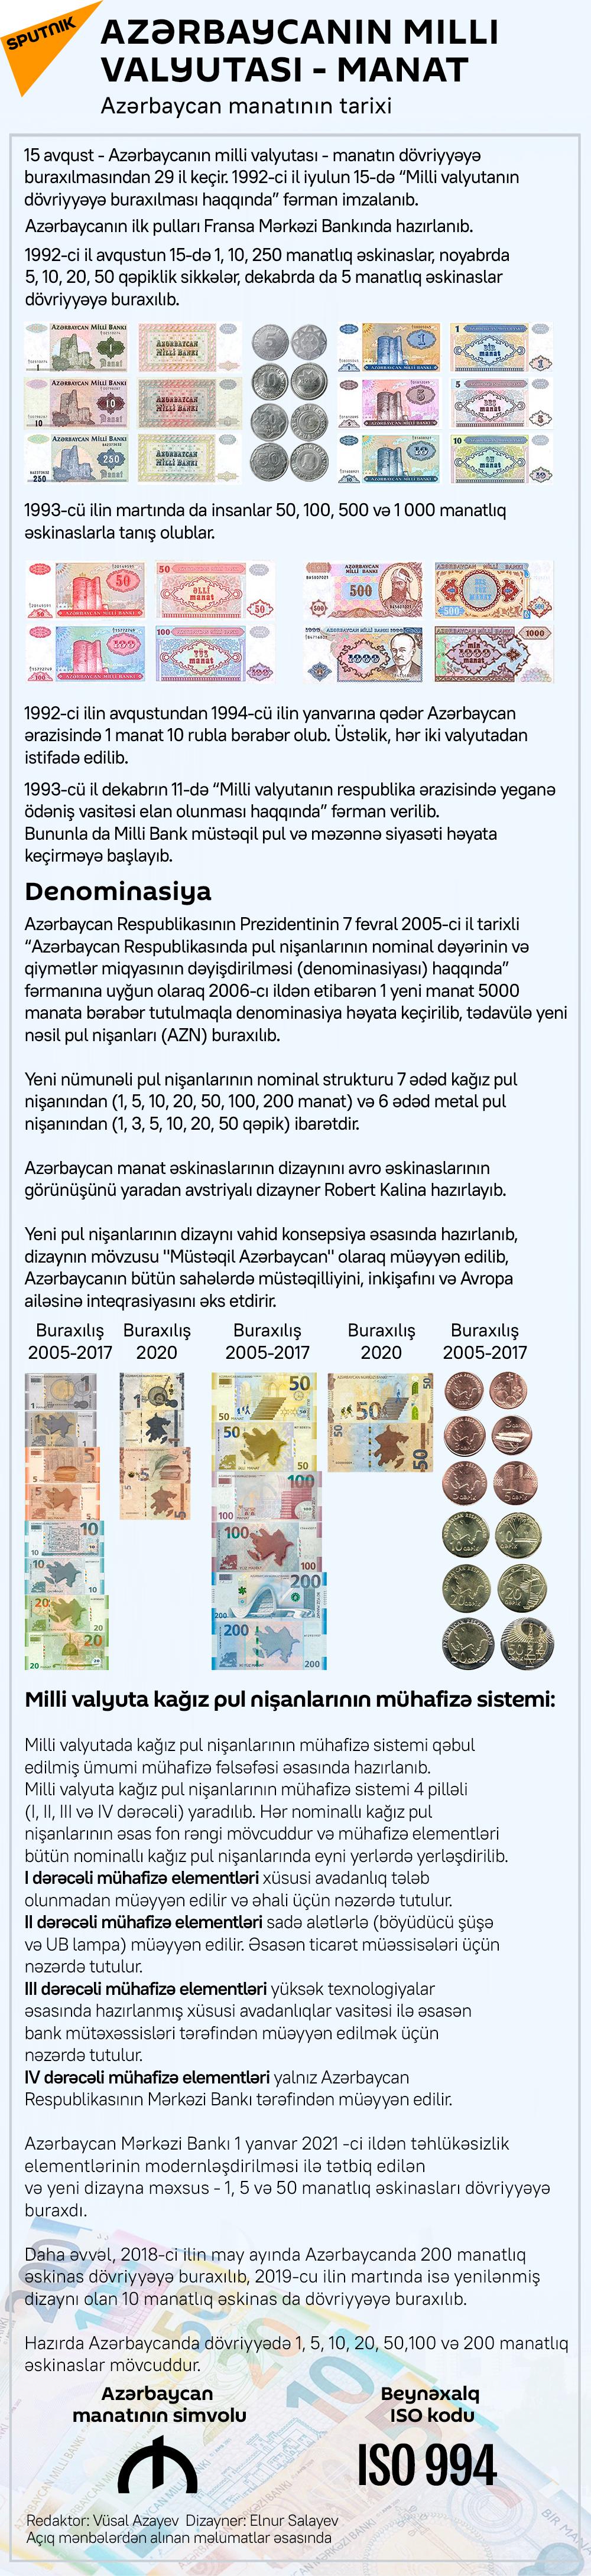 İnfoqrafika: Azərbaycanın milli valyutası - manat - Sputnik Azərbaycan, 1920, 15.08.2021